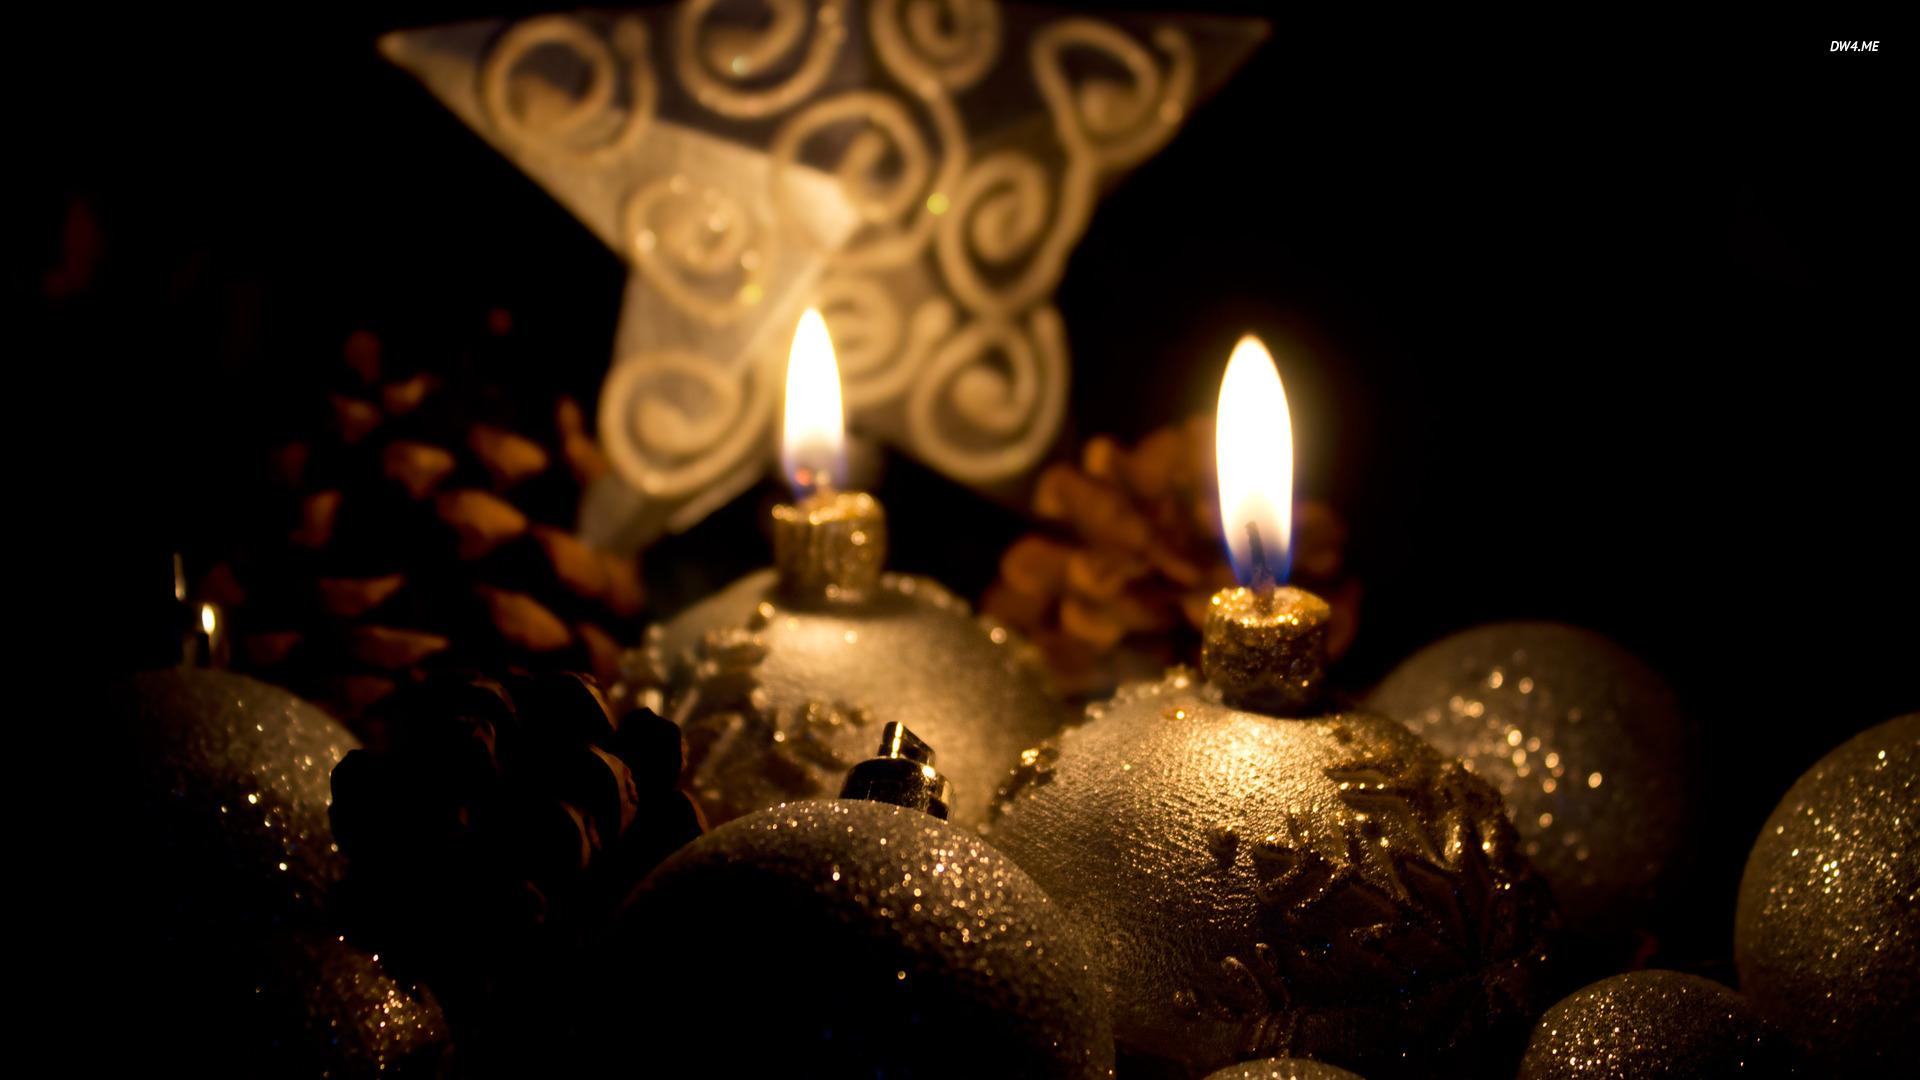 Golden Christmas candles wallpaper 1920x1080